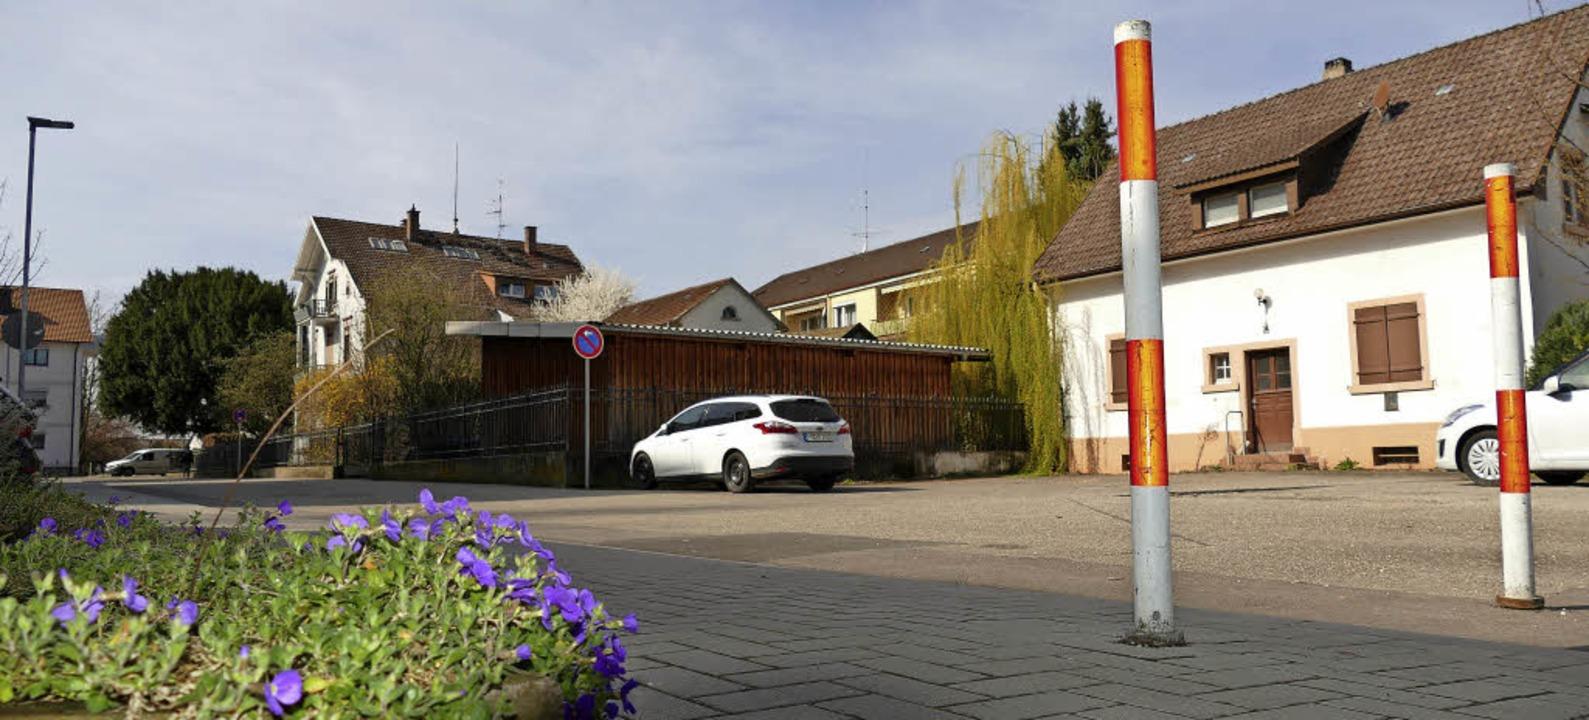 Auf dem Grundstück Staufener Straße 15...r Straße zur Vadomarstraße verhindern.  | Foto: Hans-Peter Müller